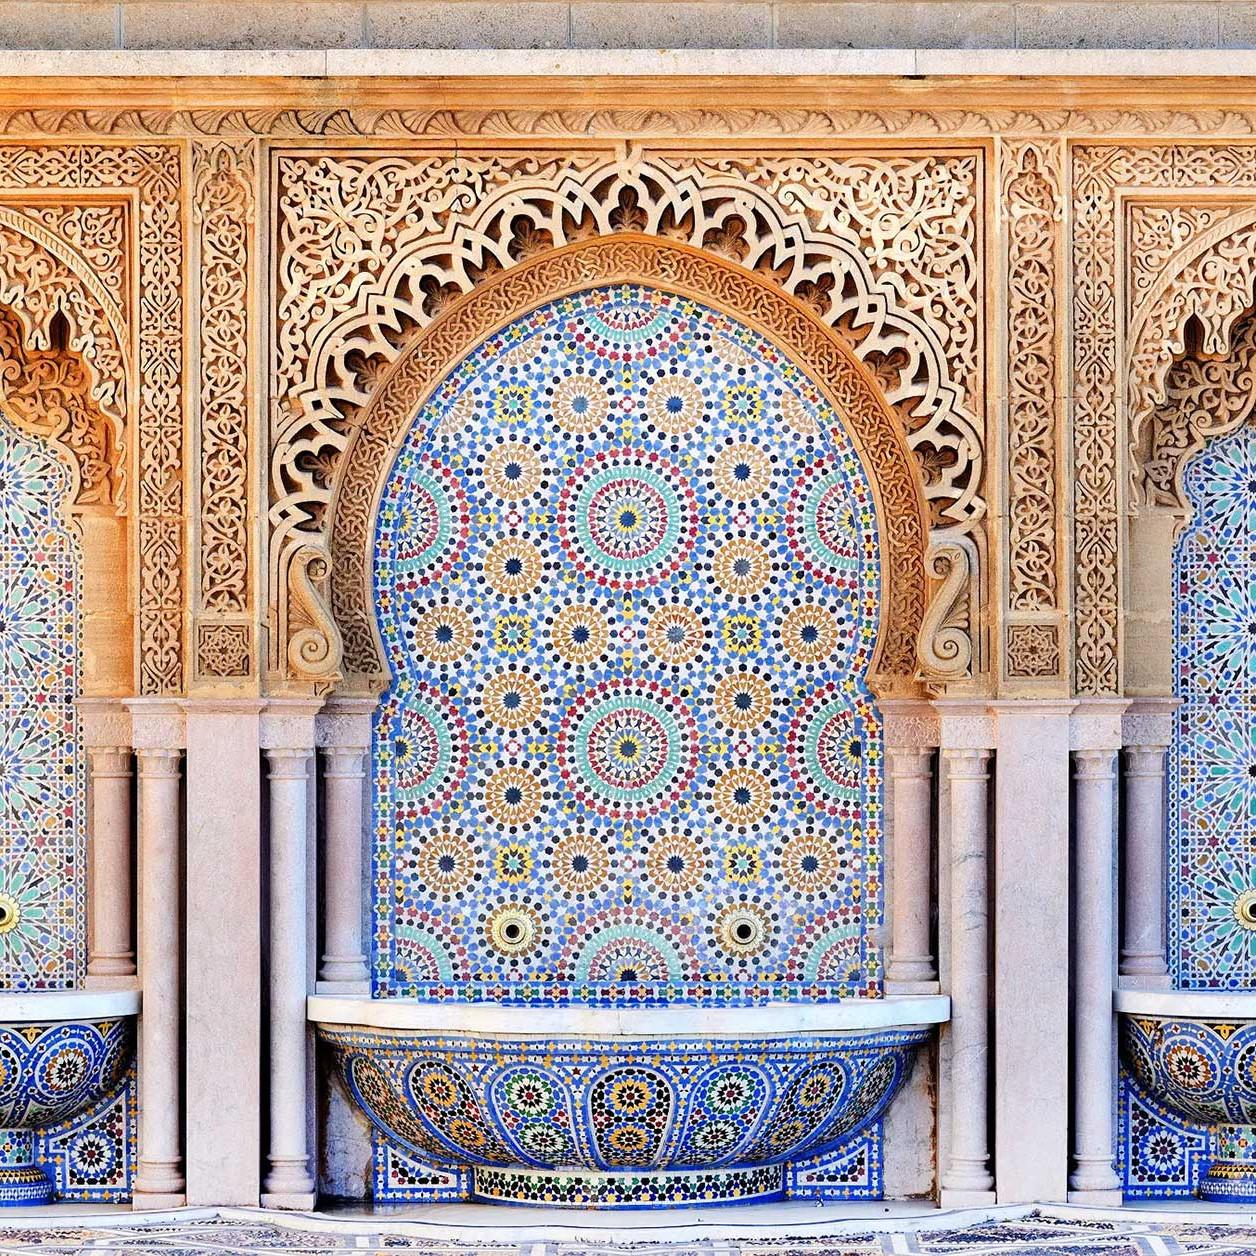 Maroccan architecture